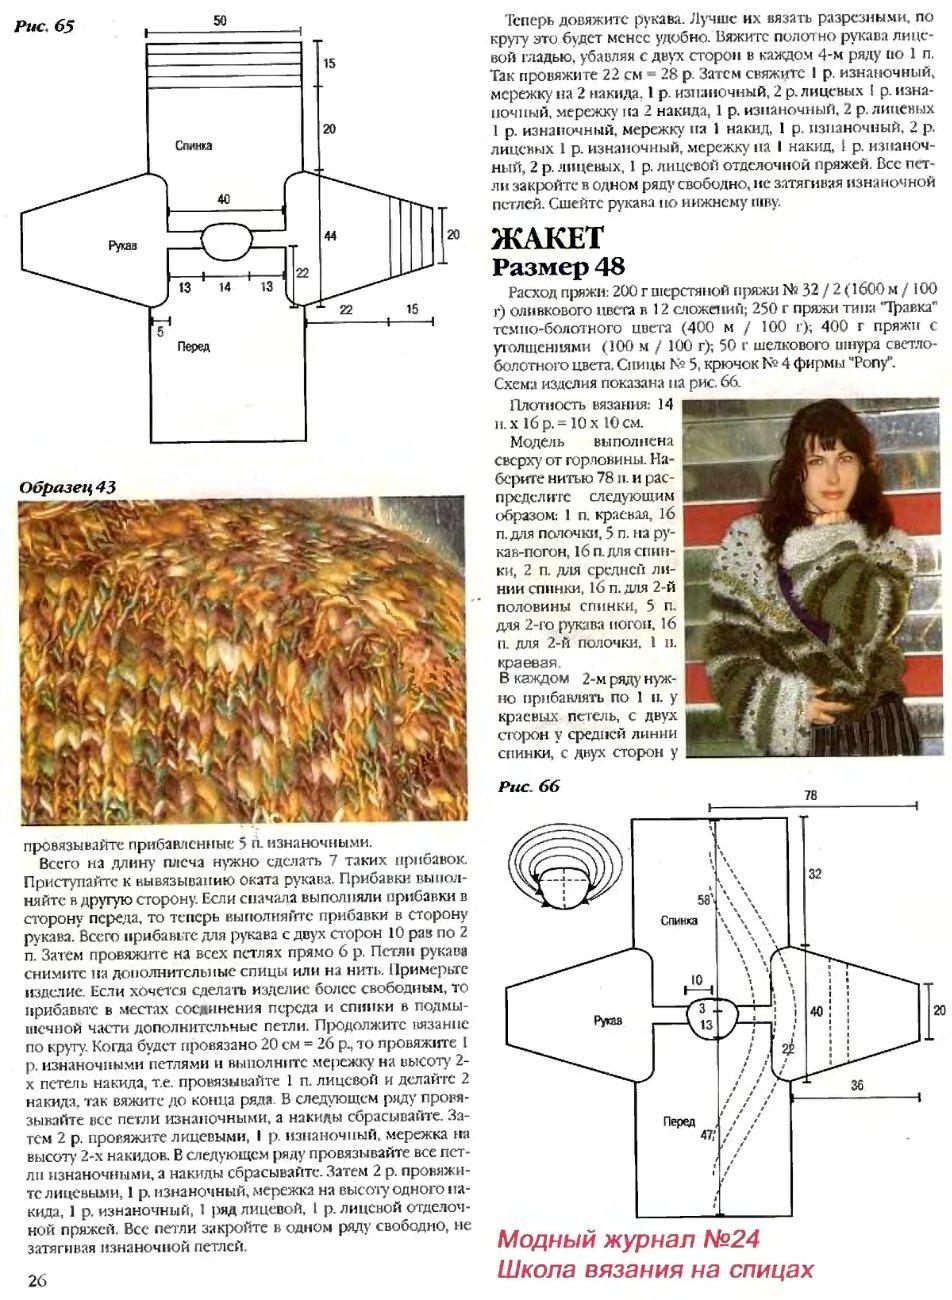 ВЯЖУ САМА Модели и Схемы Вязания Спицами и 17